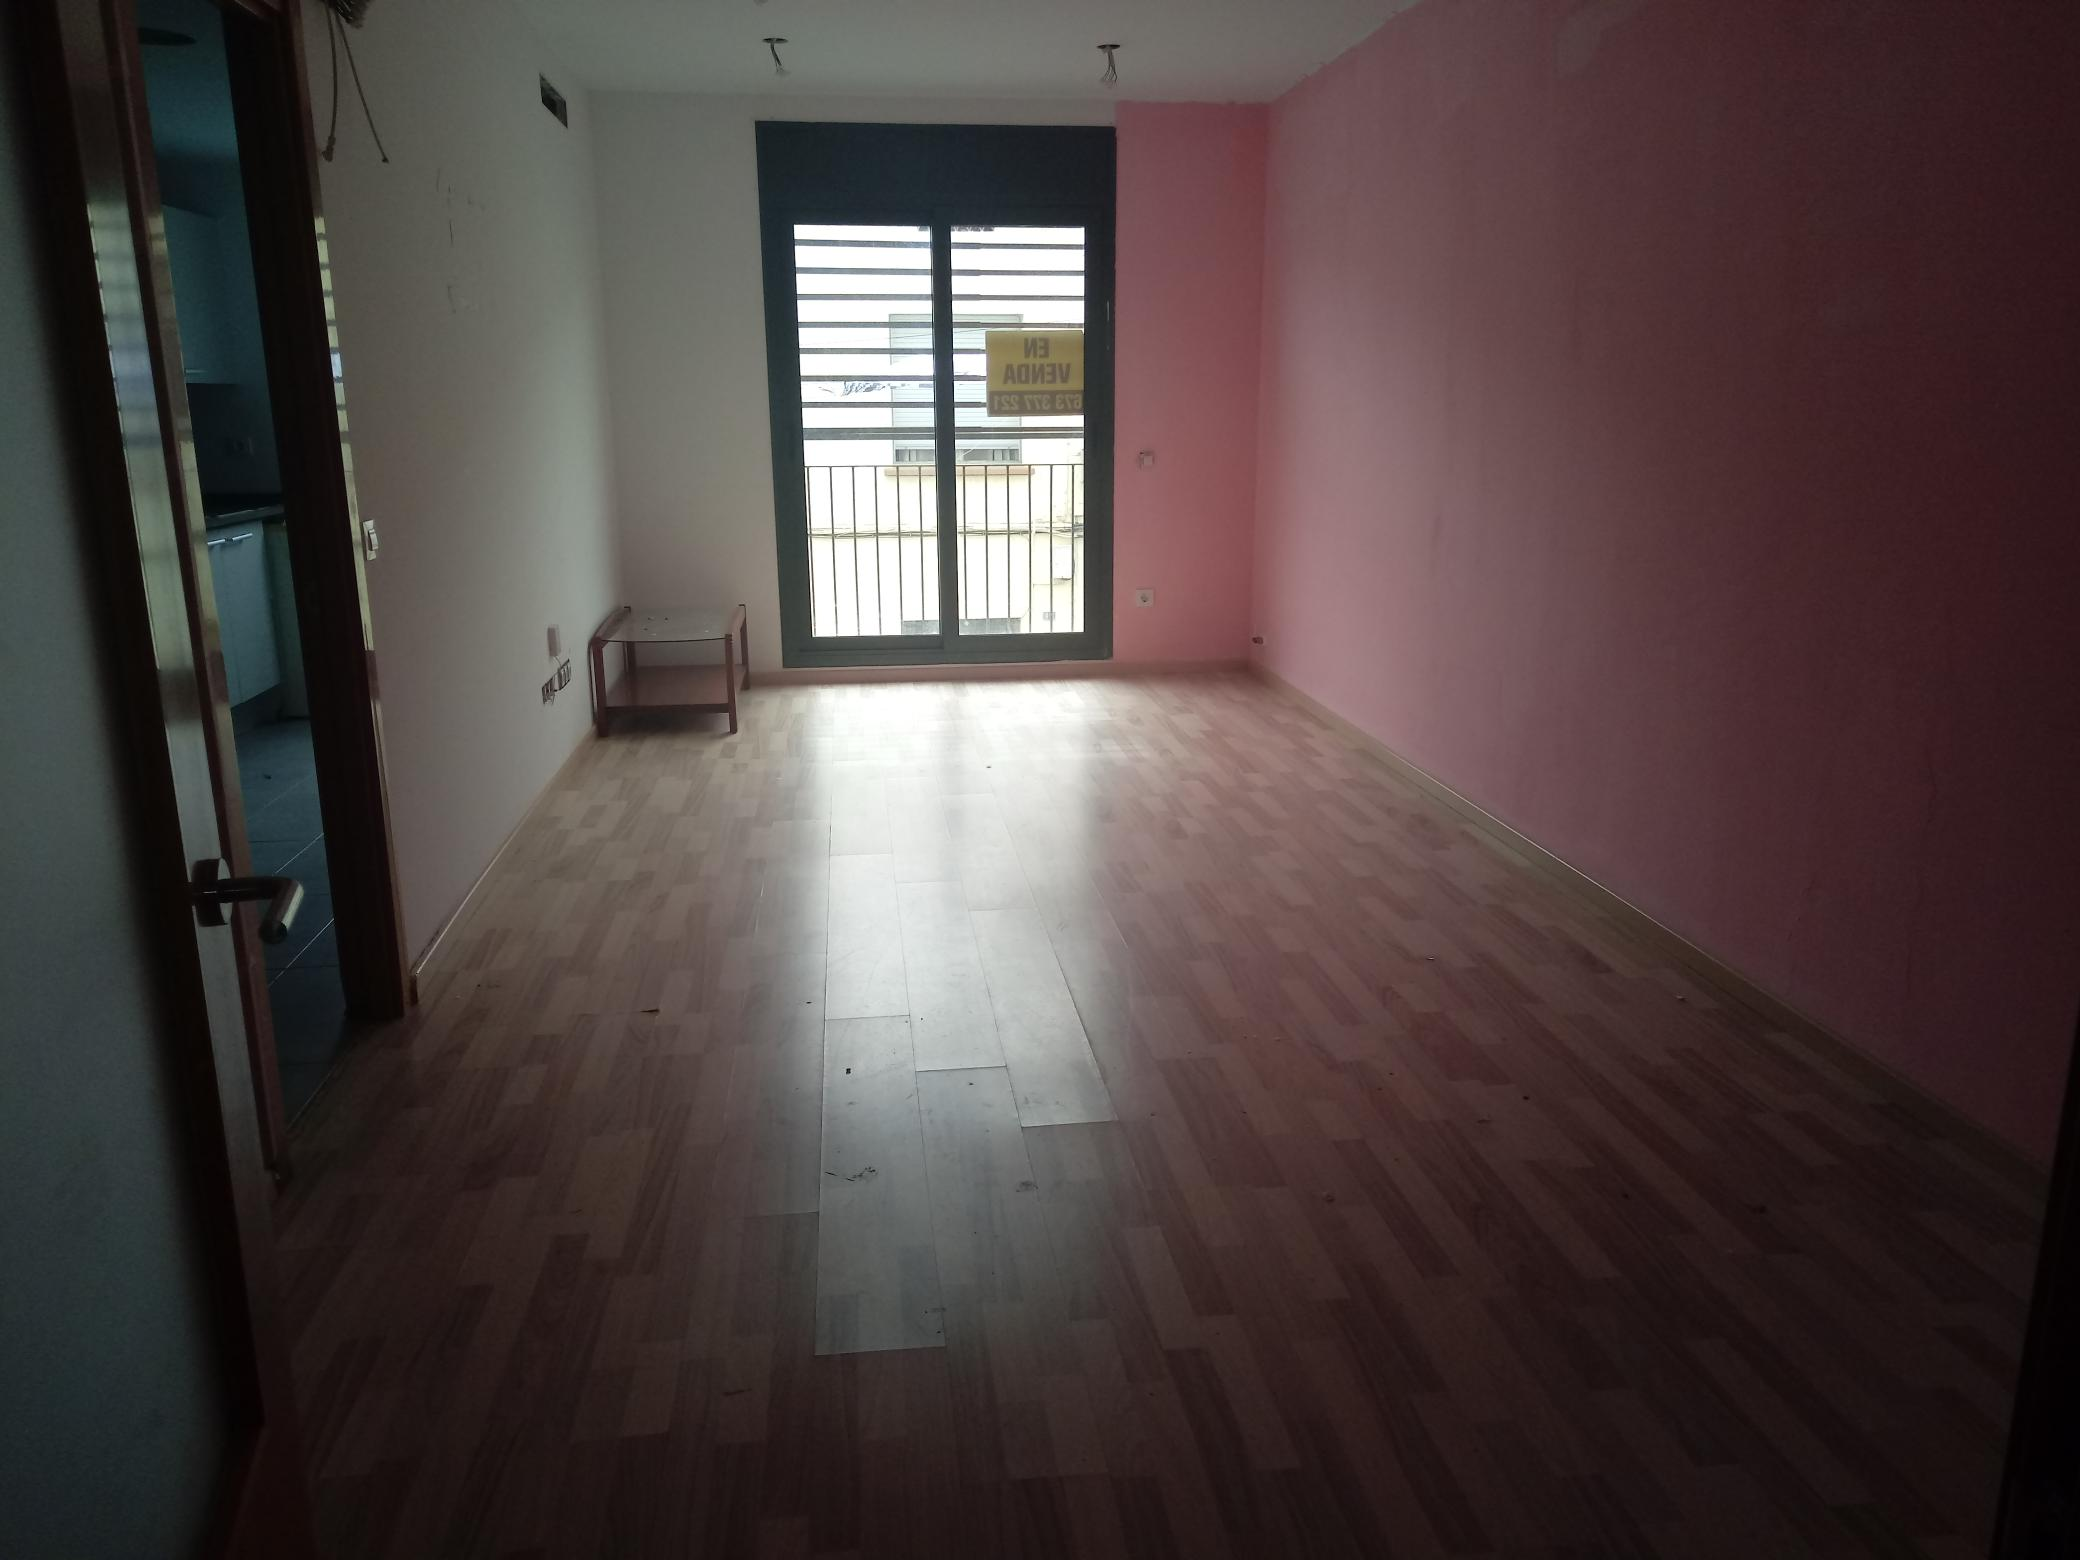 Piso en venta en Palafolls, Palafolls, Barcelona, Calle Major, 137.000 €, 3 habitaciones, 107 m2